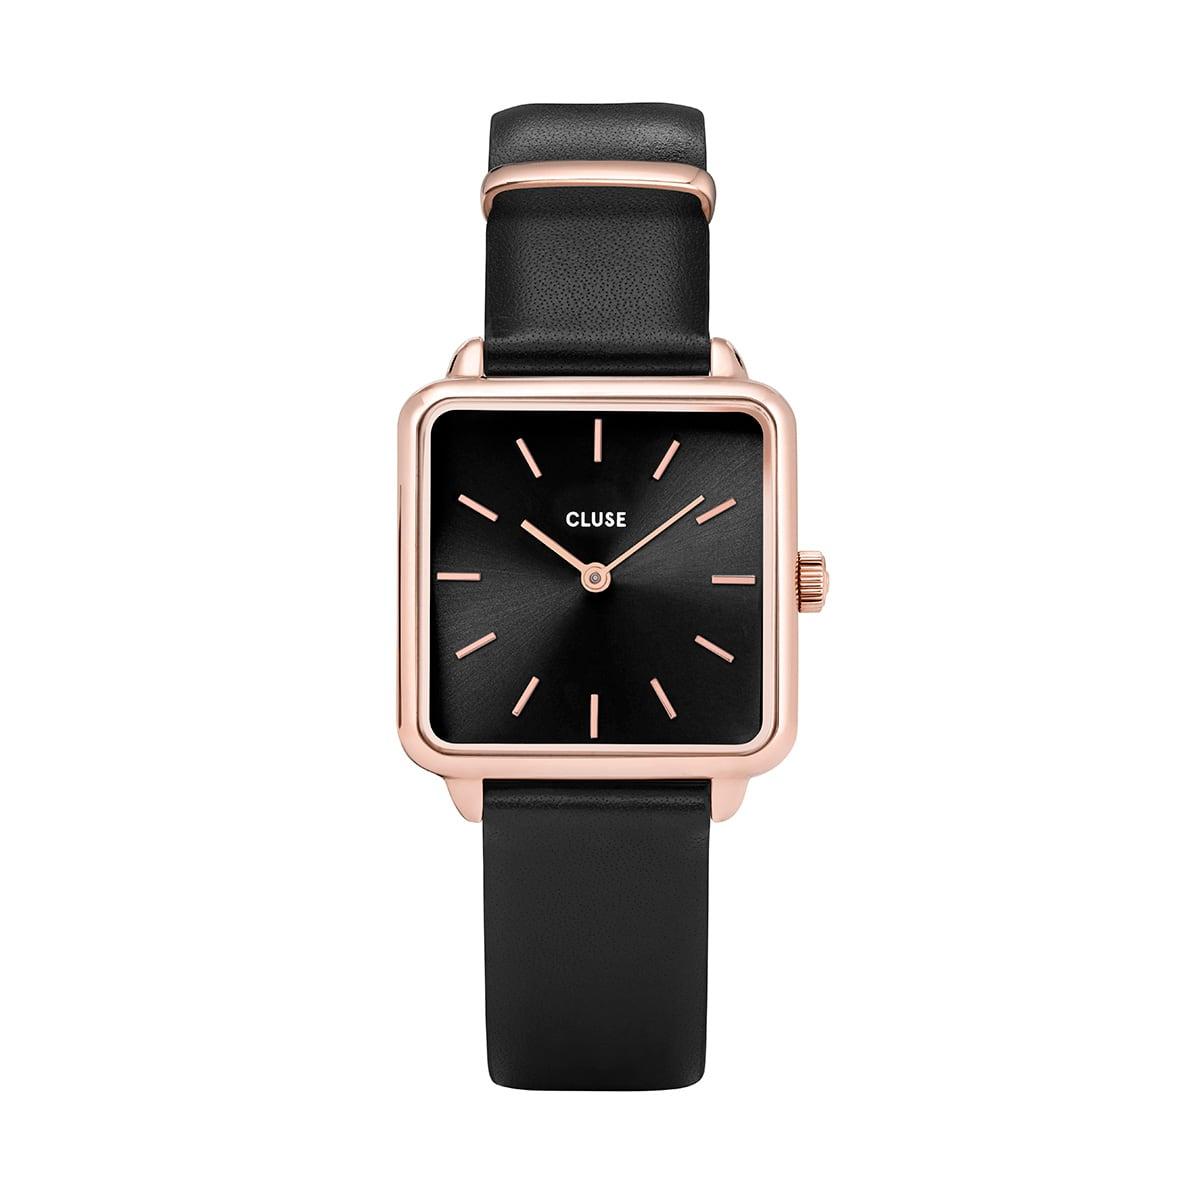 馬場ふみか 着用 28.5mm - CW0101207011 ラ・テトラゴン ローズゴールド ブラック ブラック CLUSE クルース 腕時計